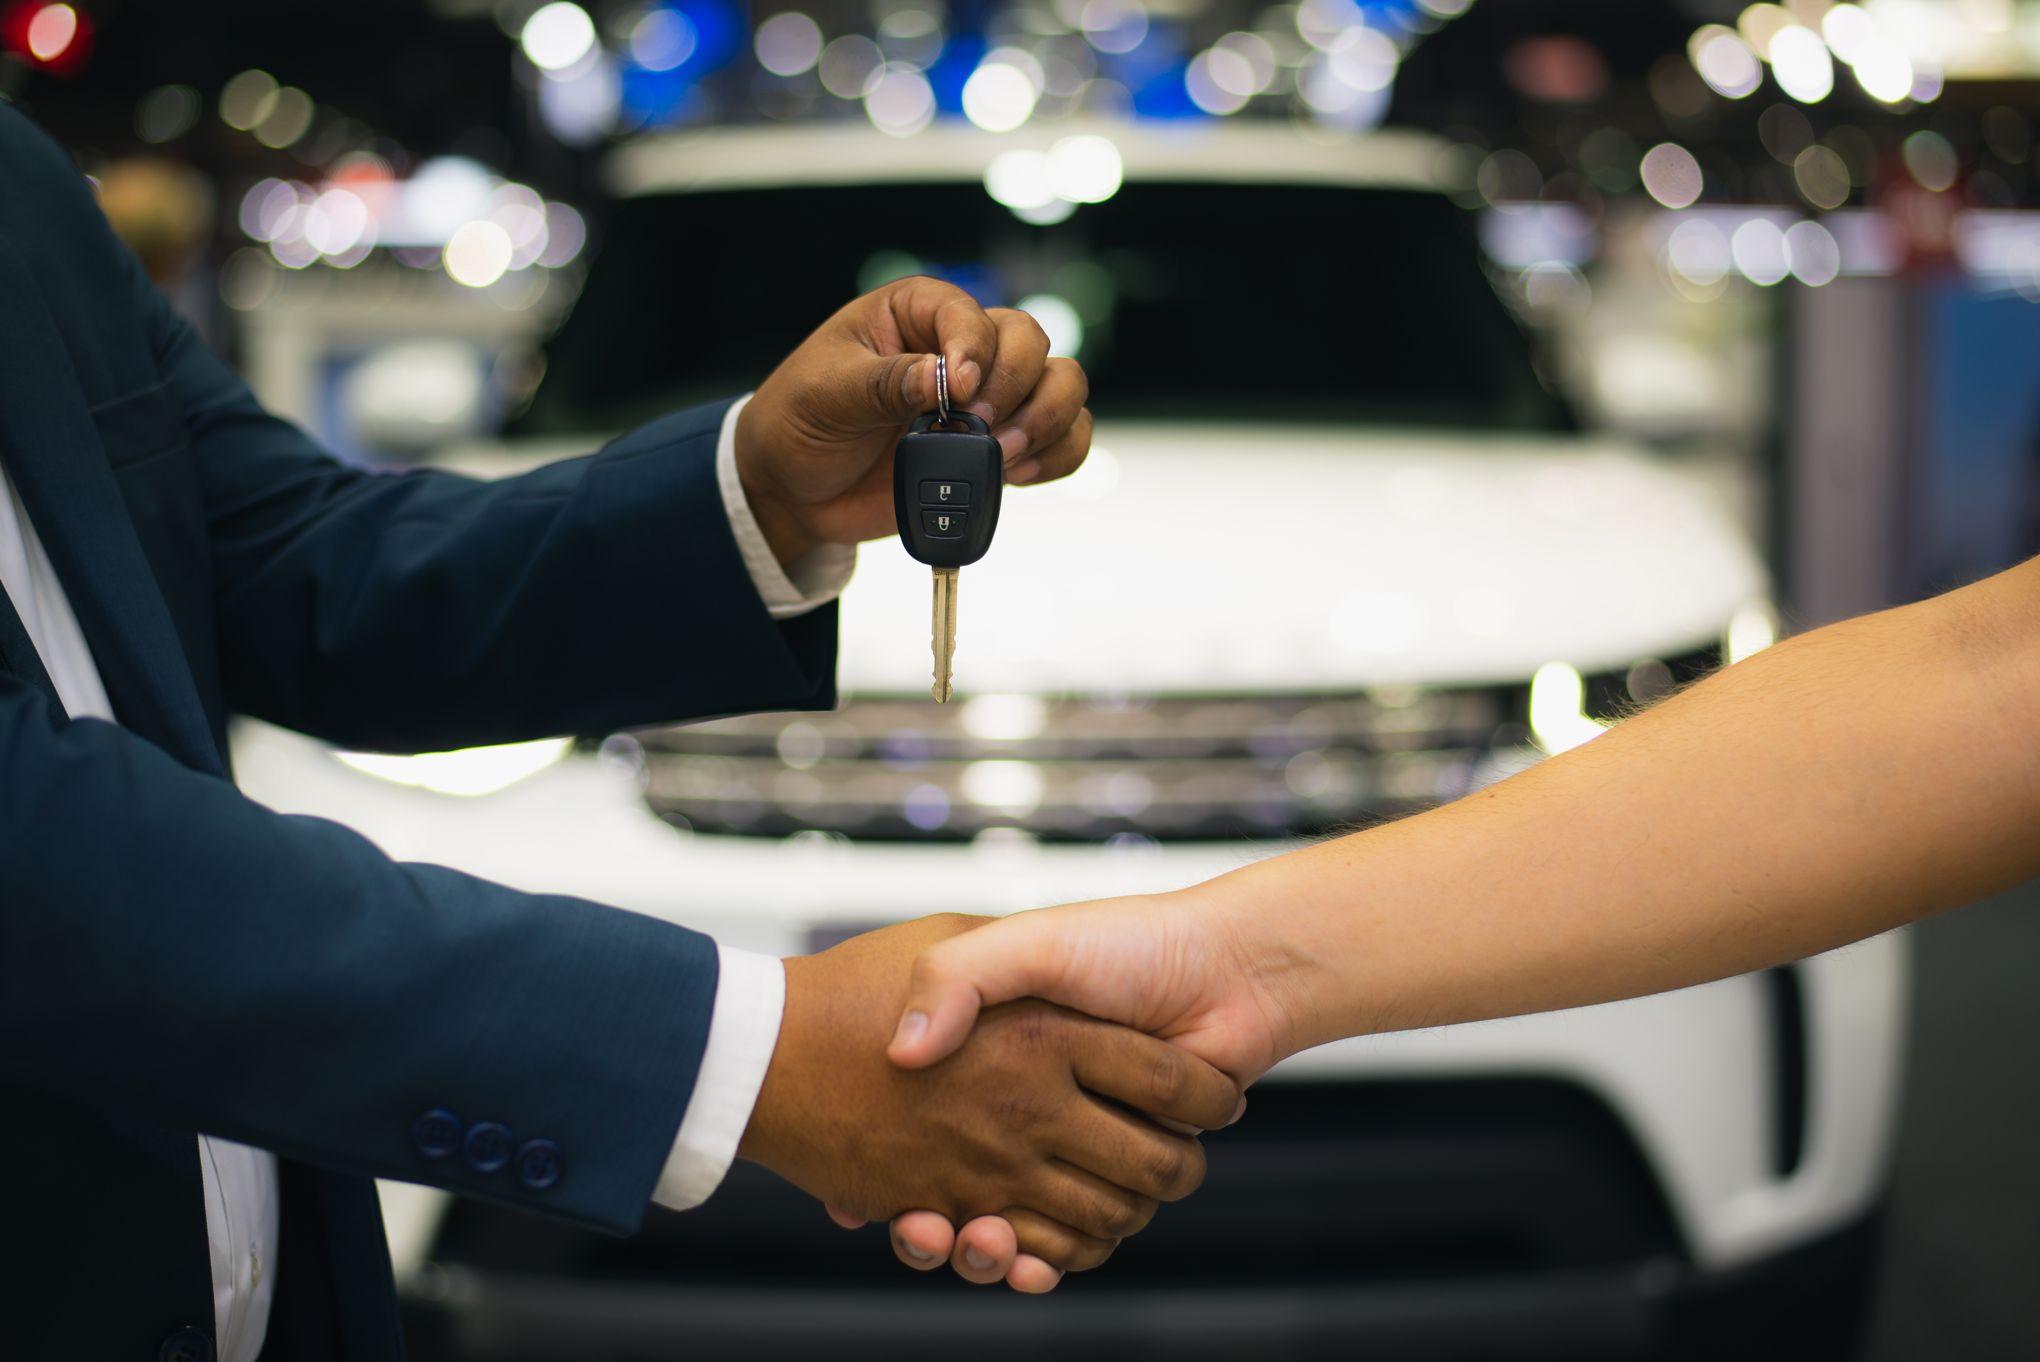 Quand vaut-il mieux vendre sa voiture?